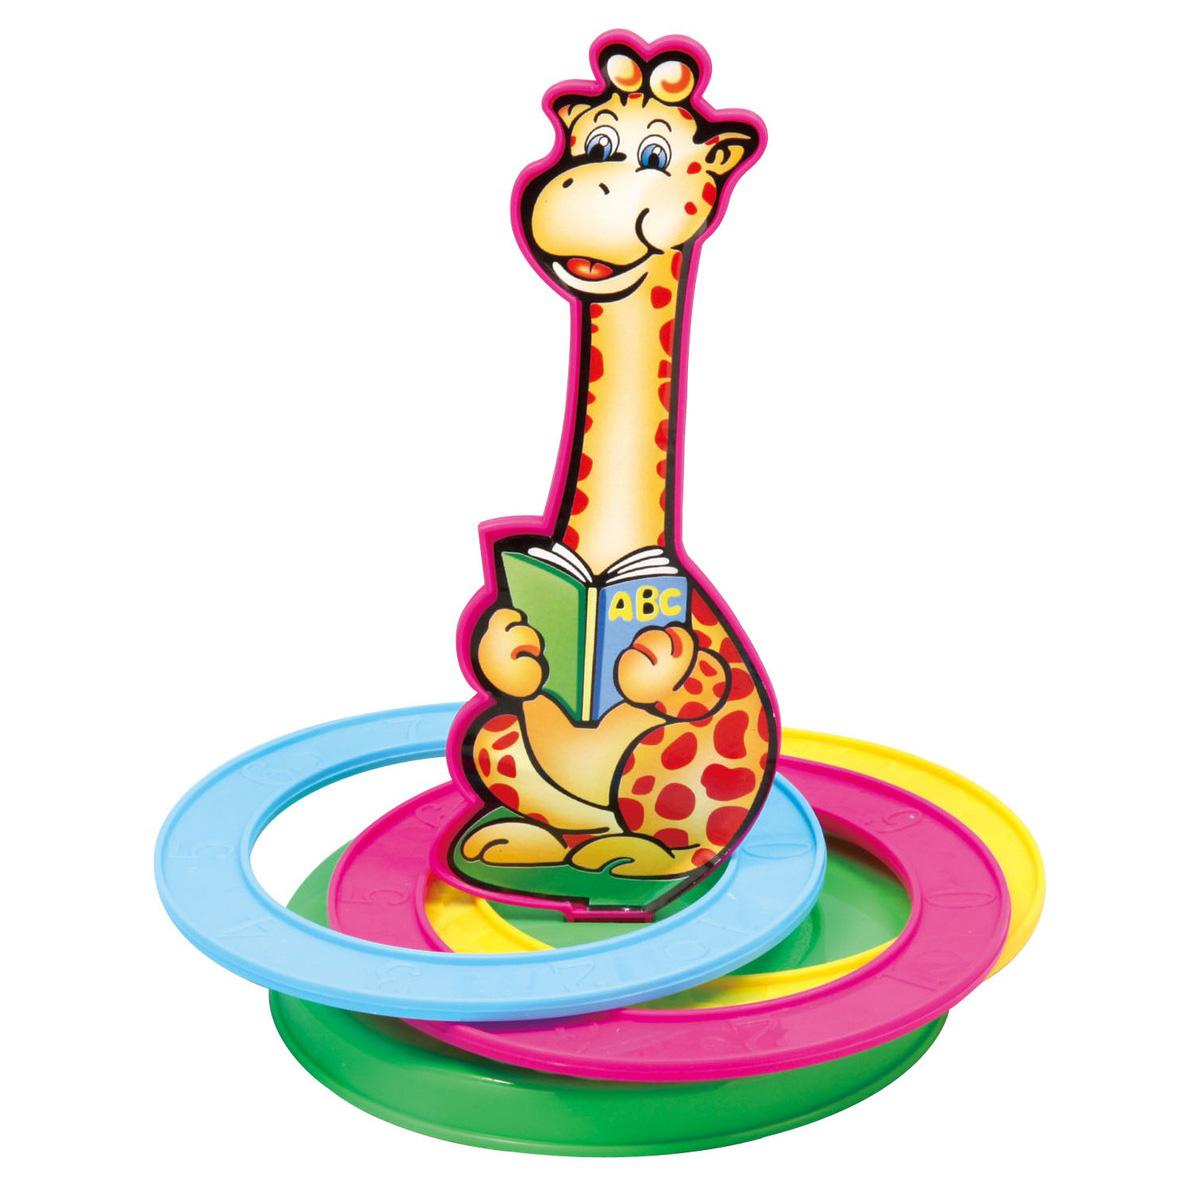 【定形外可】 知育玩具 輪投げ おもちゃ 幼児  どうぶつわなげ 知育玩具 輪投げ おもちゃ 幼児 室内 運動神経 運動